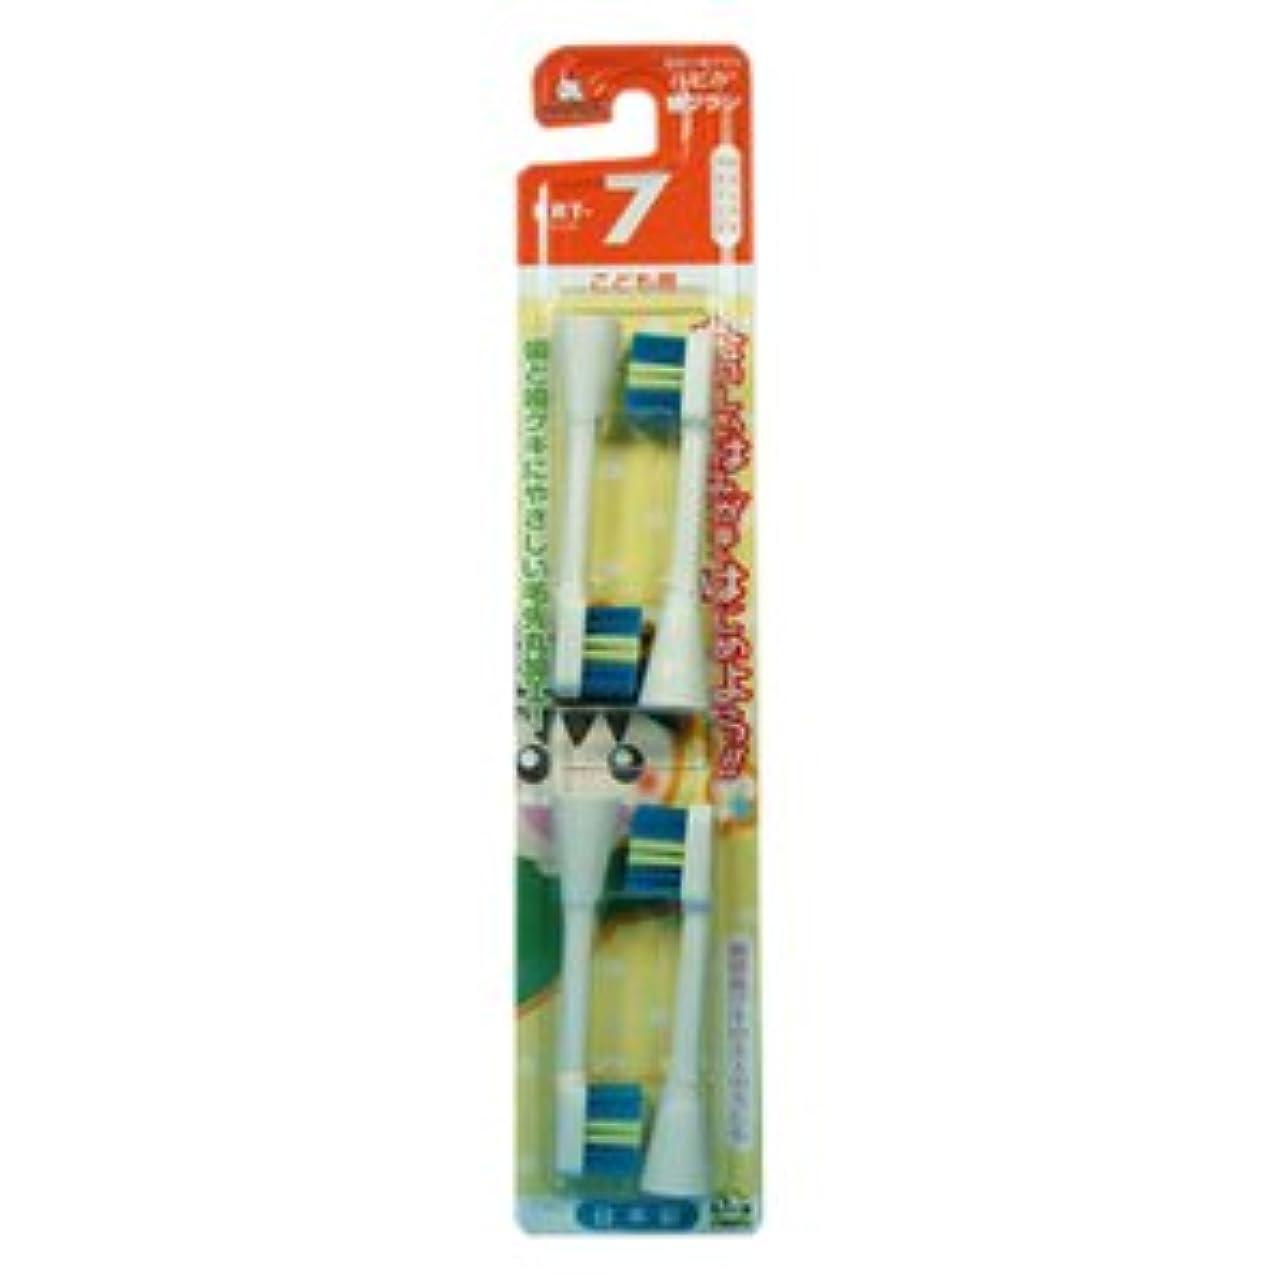 労苦放映舗装ミニマム 電動付歯ブラシ ハピカ 専用替ブラシ こども用 毛の硬さ:やわらかめ BRT-7 4個入